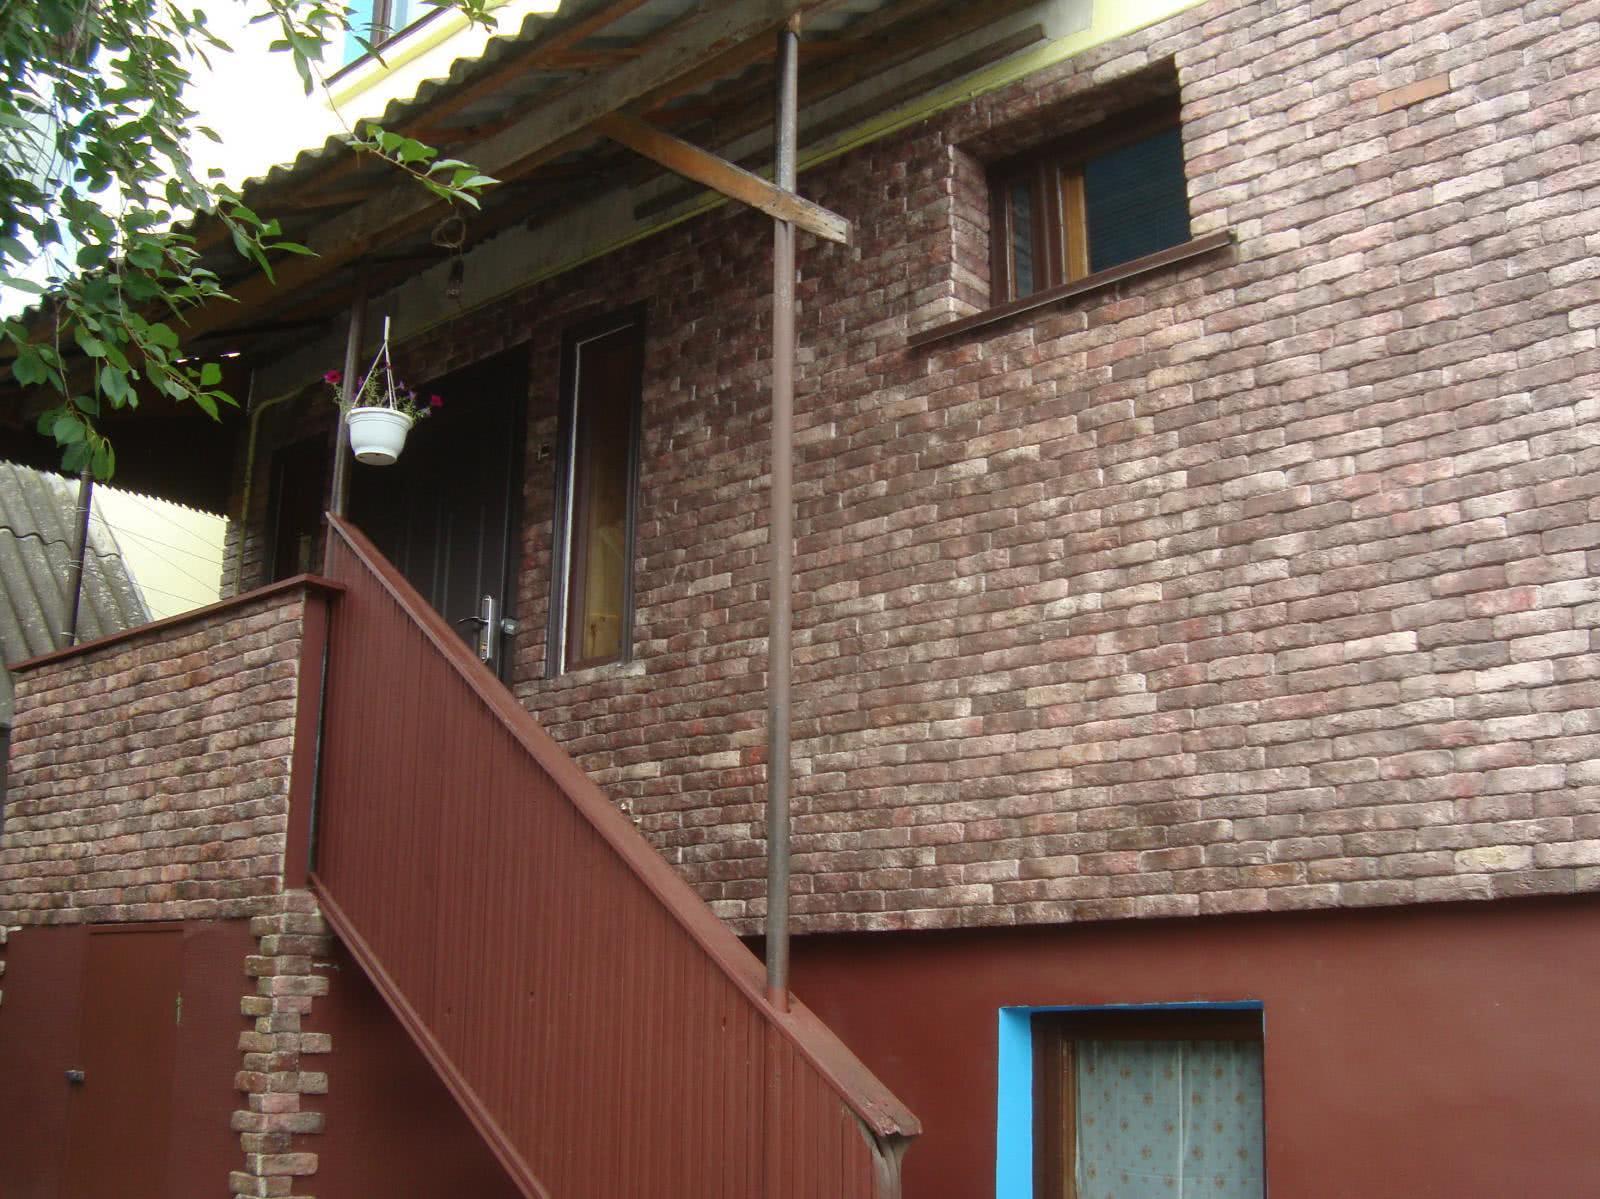 Продать 4-этажный коттедж в Минске, Минская область, ул. Максима Богдановича, д. 273 - фото 5